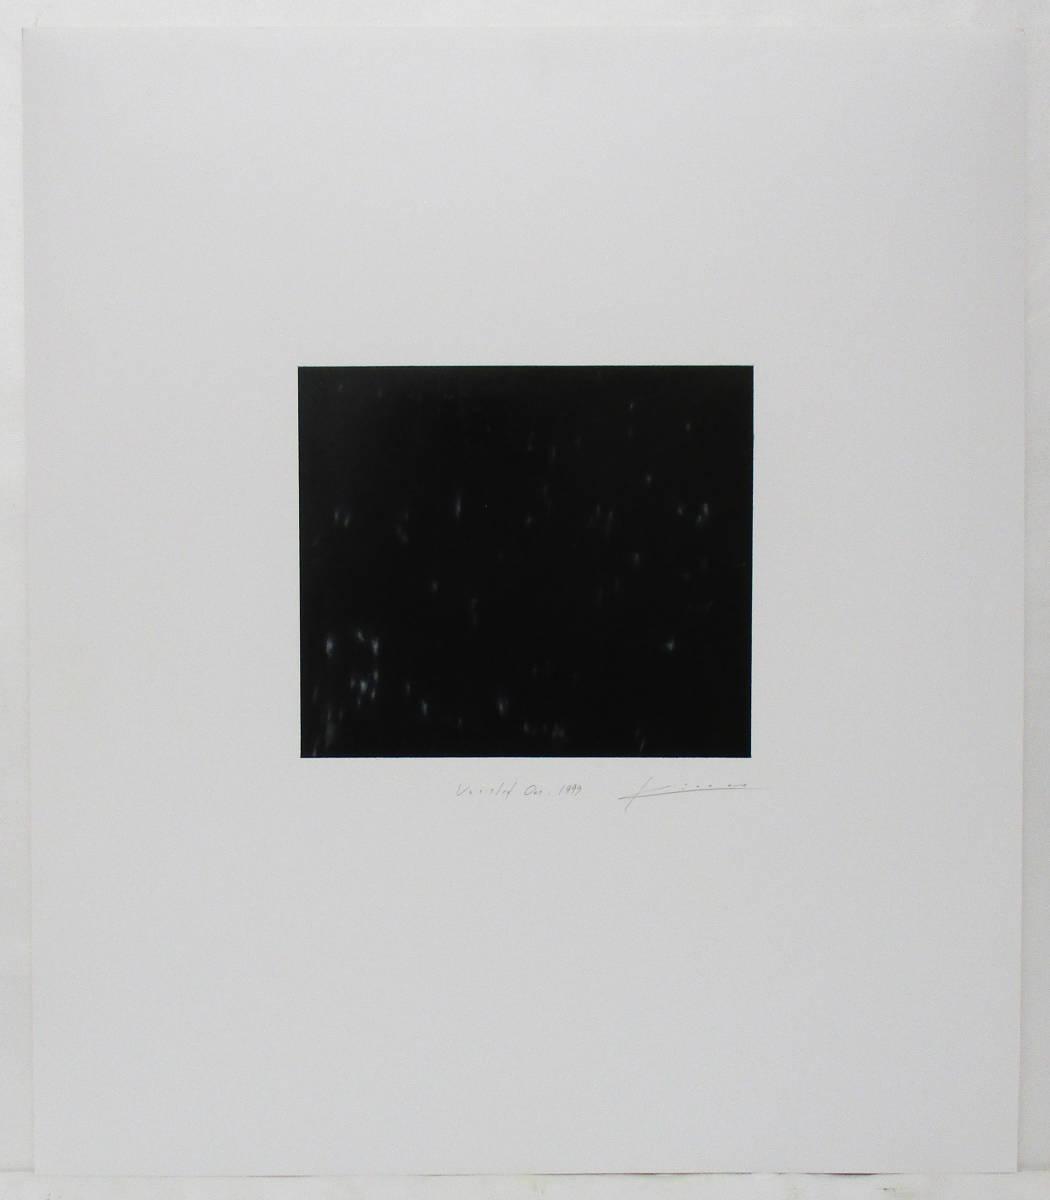 北野裕之『Untitled Oct,1999』ミクストメディア(油彩、写真、他) 鉛筆サイン シートのみ 1999年制作 京都精華大学_画像1